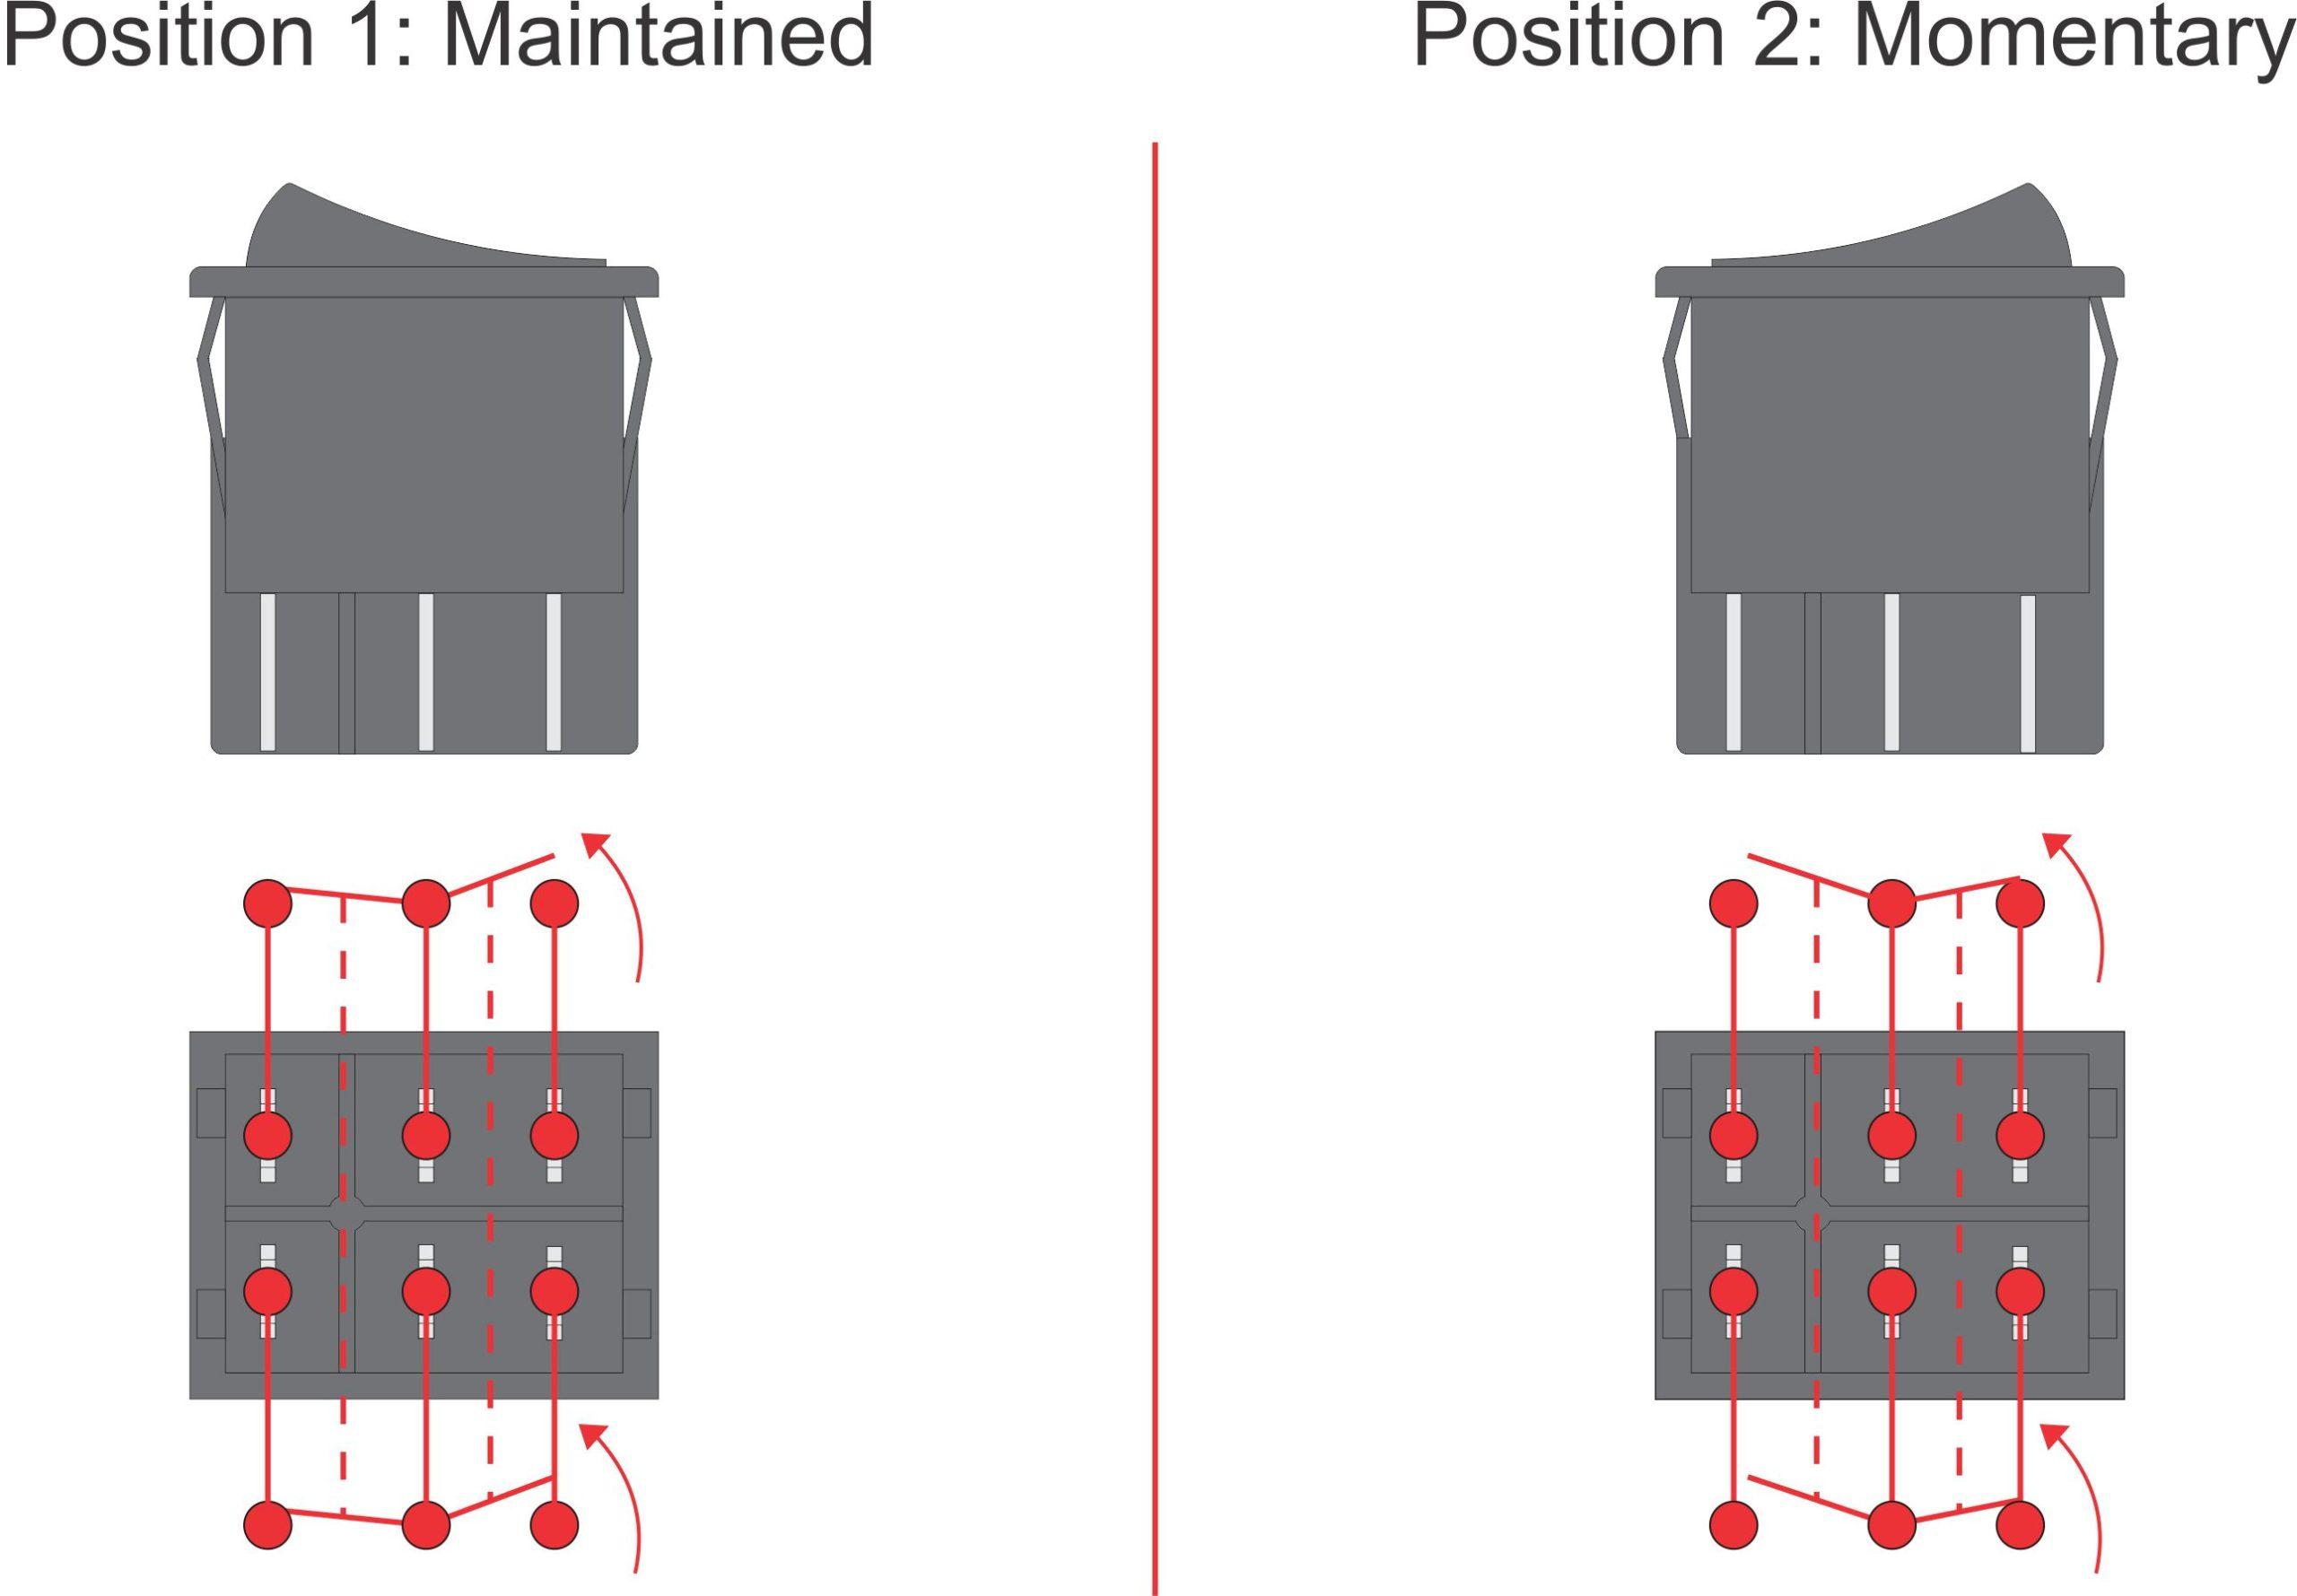 Dc Double Throw Double Pole Reversing Switch Diagram Bundadaffacom